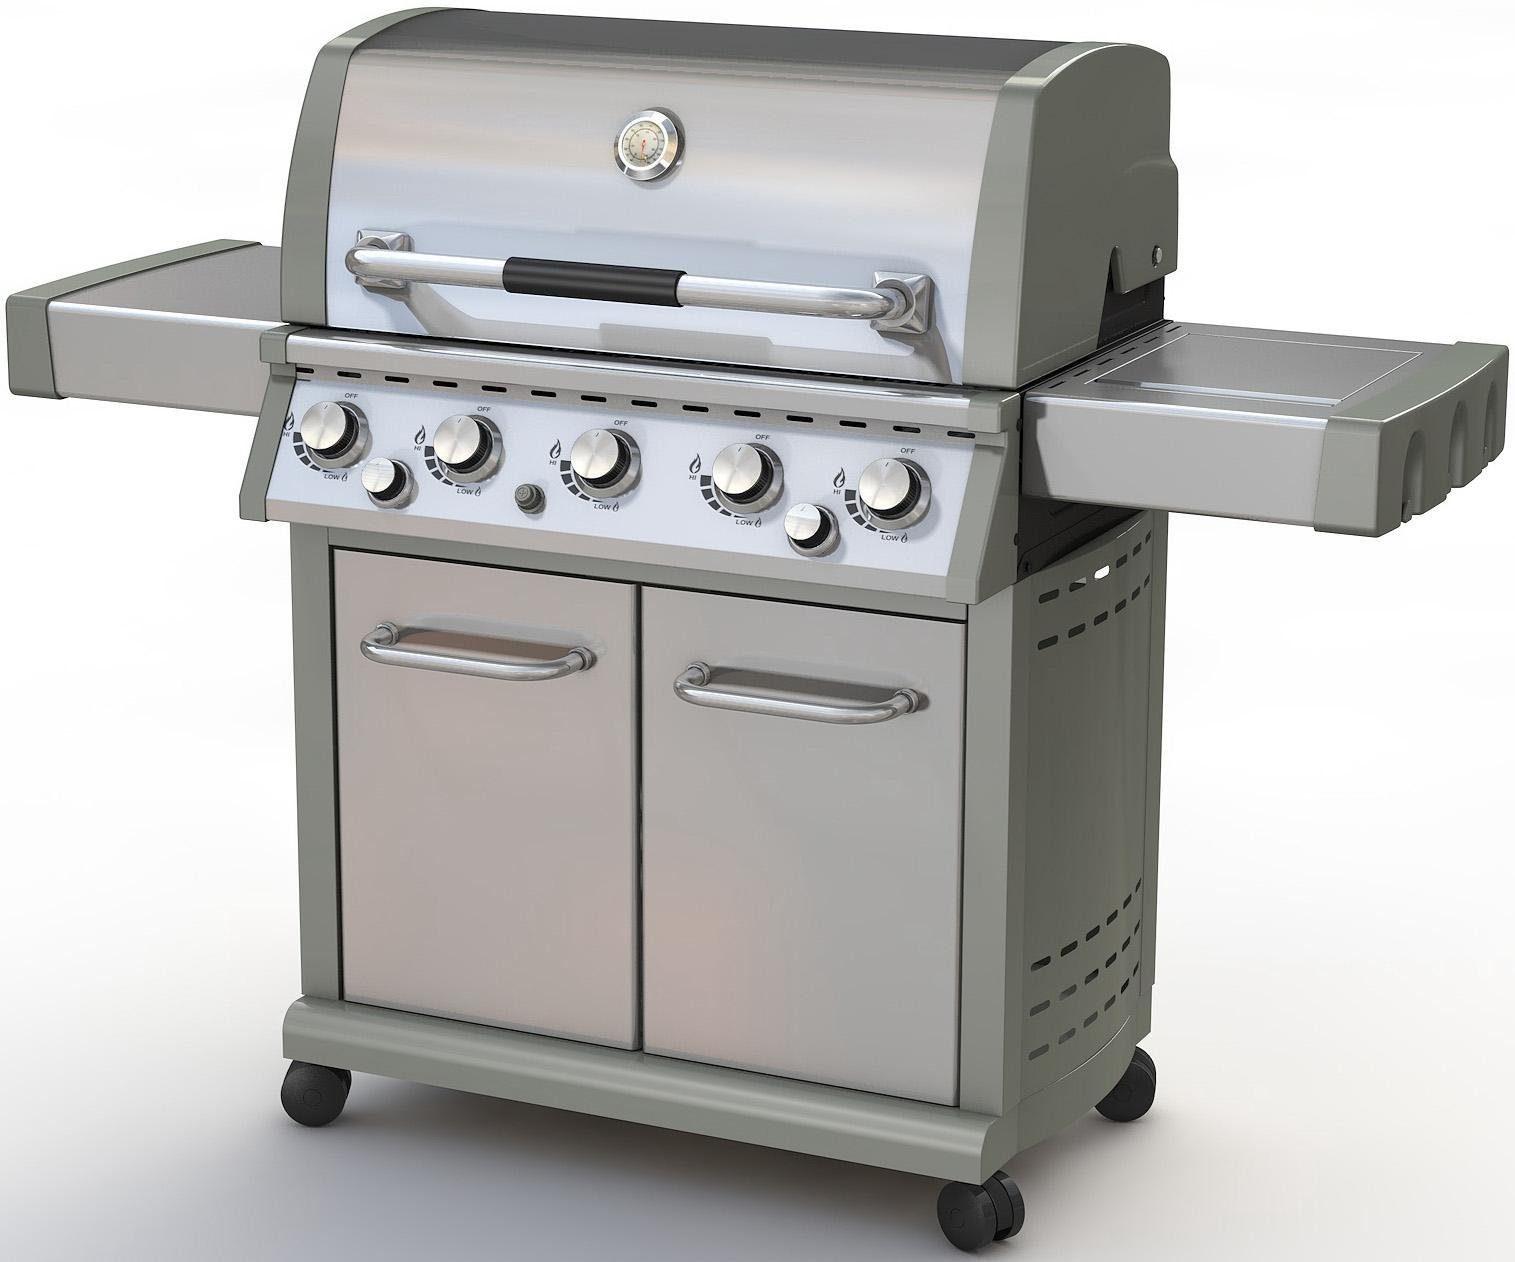 Drehspieß Für Gasgrill Jamie Oliver : El fuego gasgrill bellevue« online kaufen otto